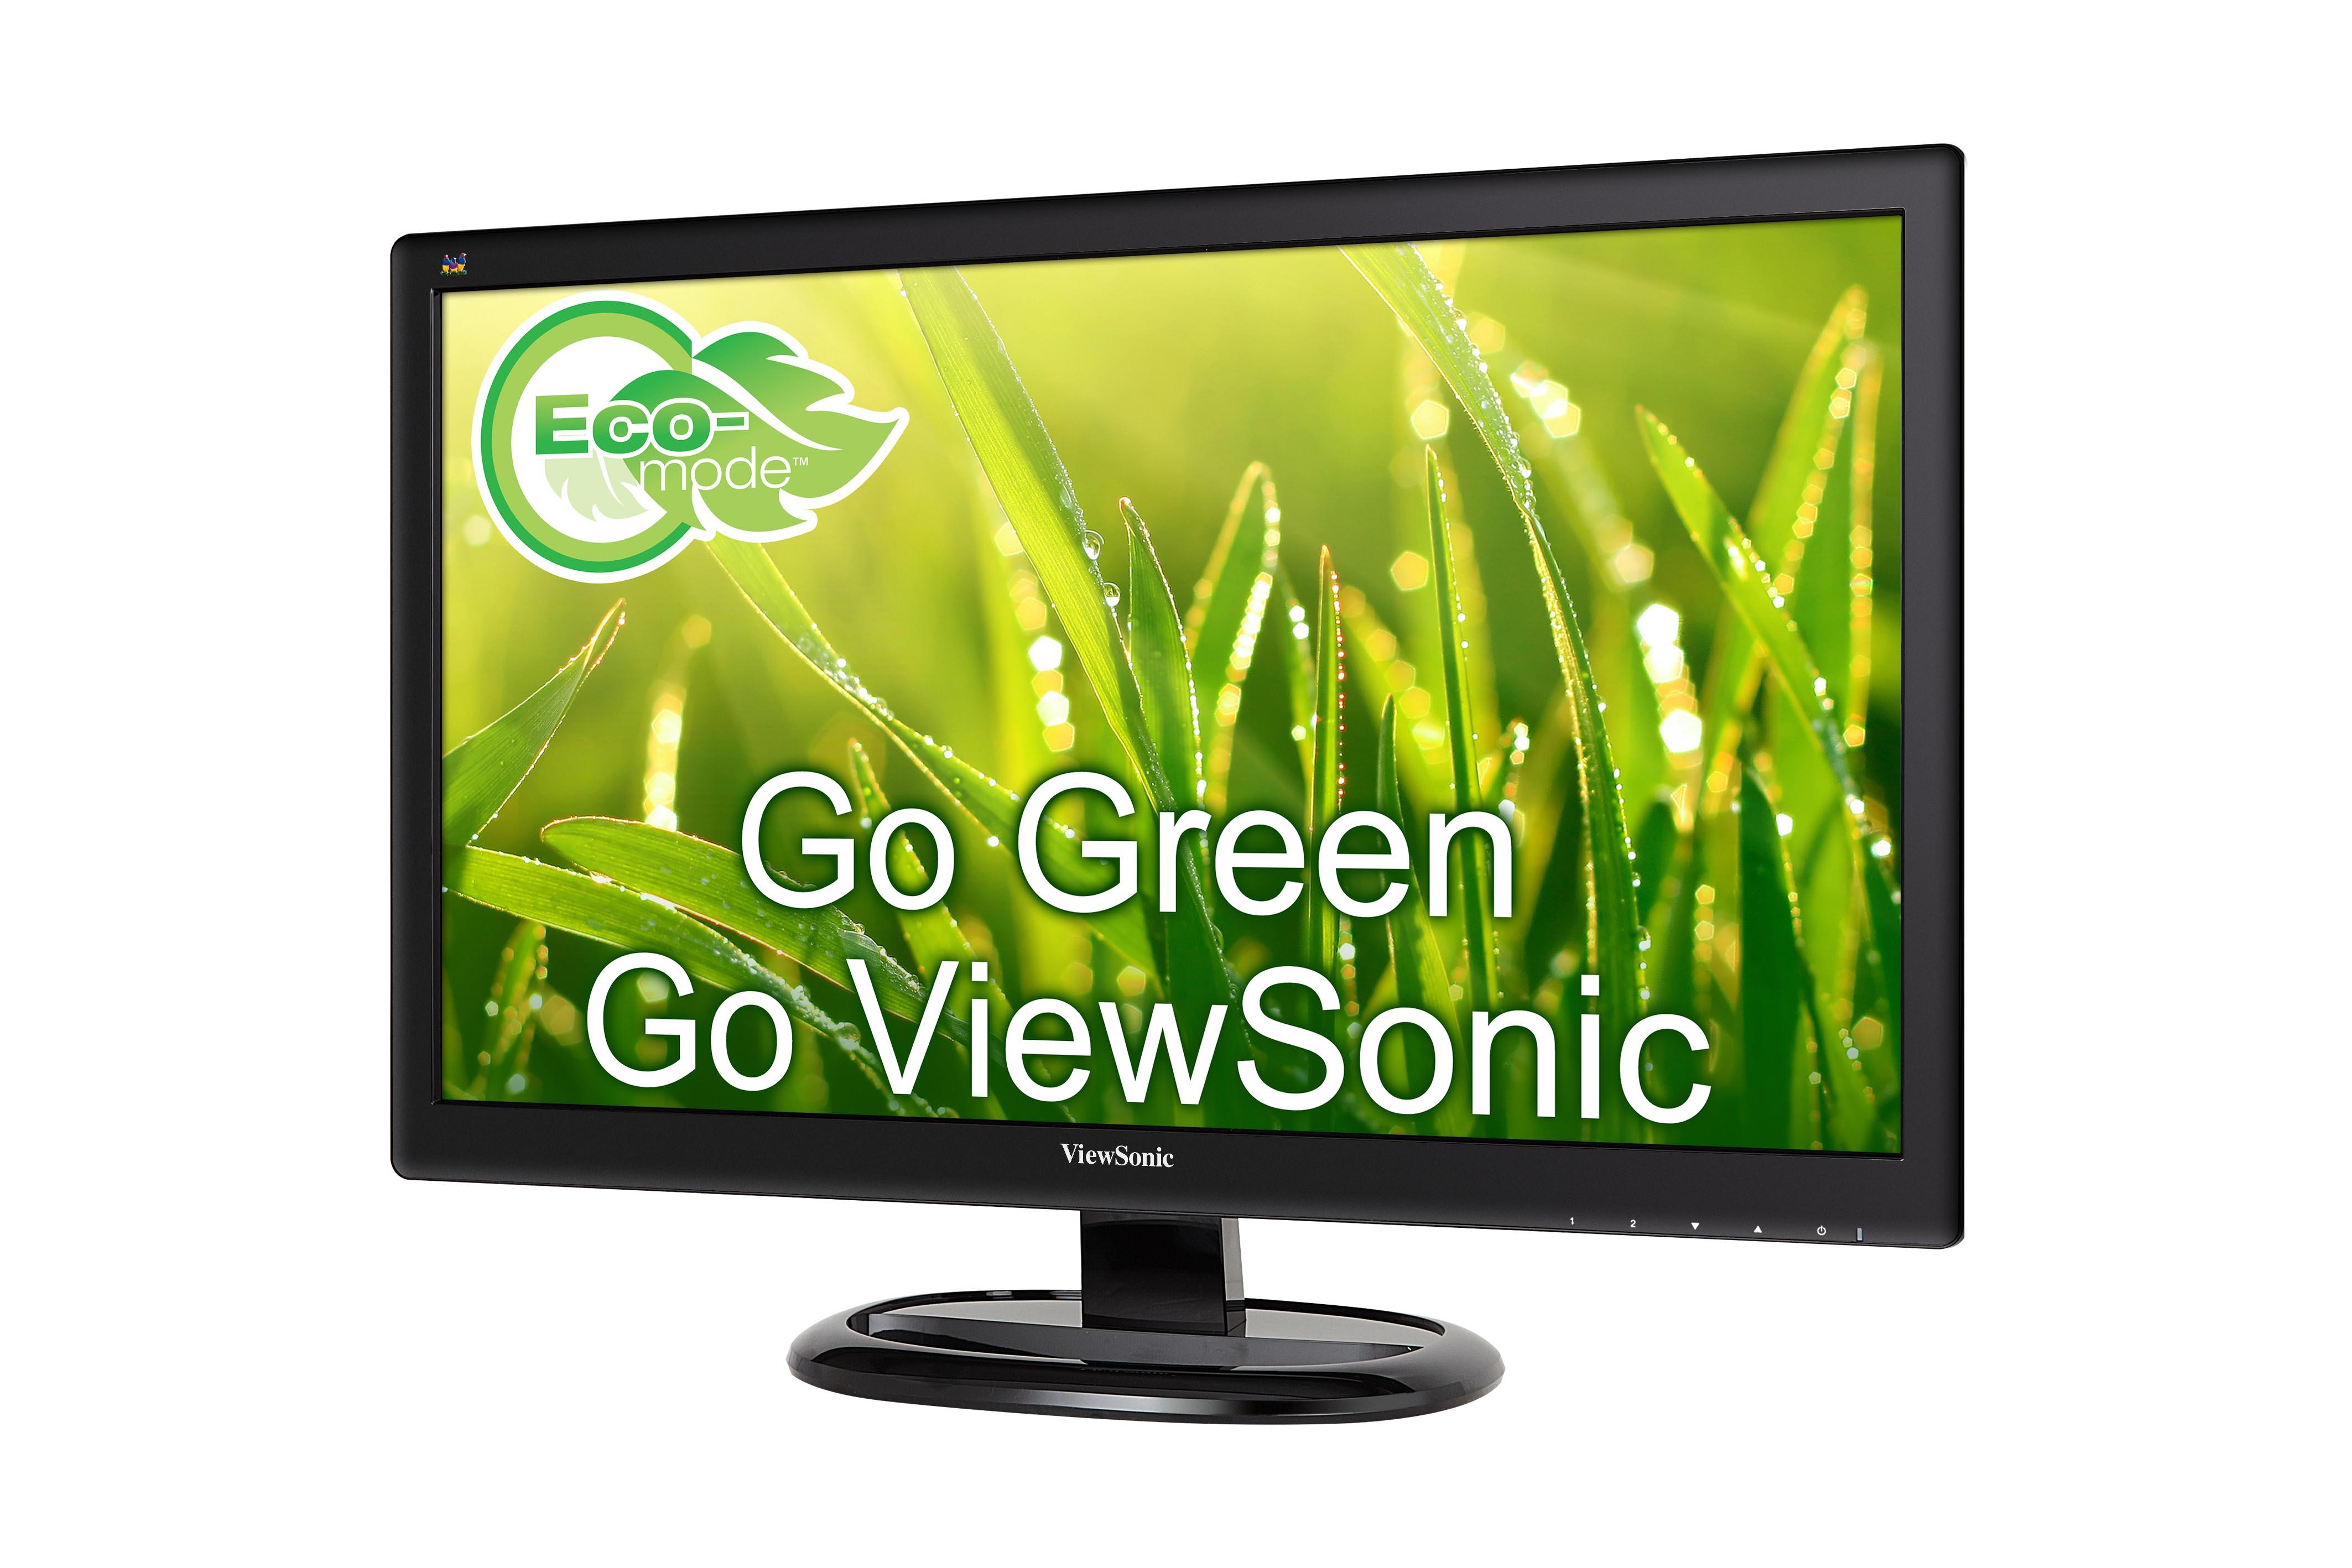 VA65 - ViewSonic ra mắt dòng màn hình giá rẻ VA65 Series tiết kiệm điện